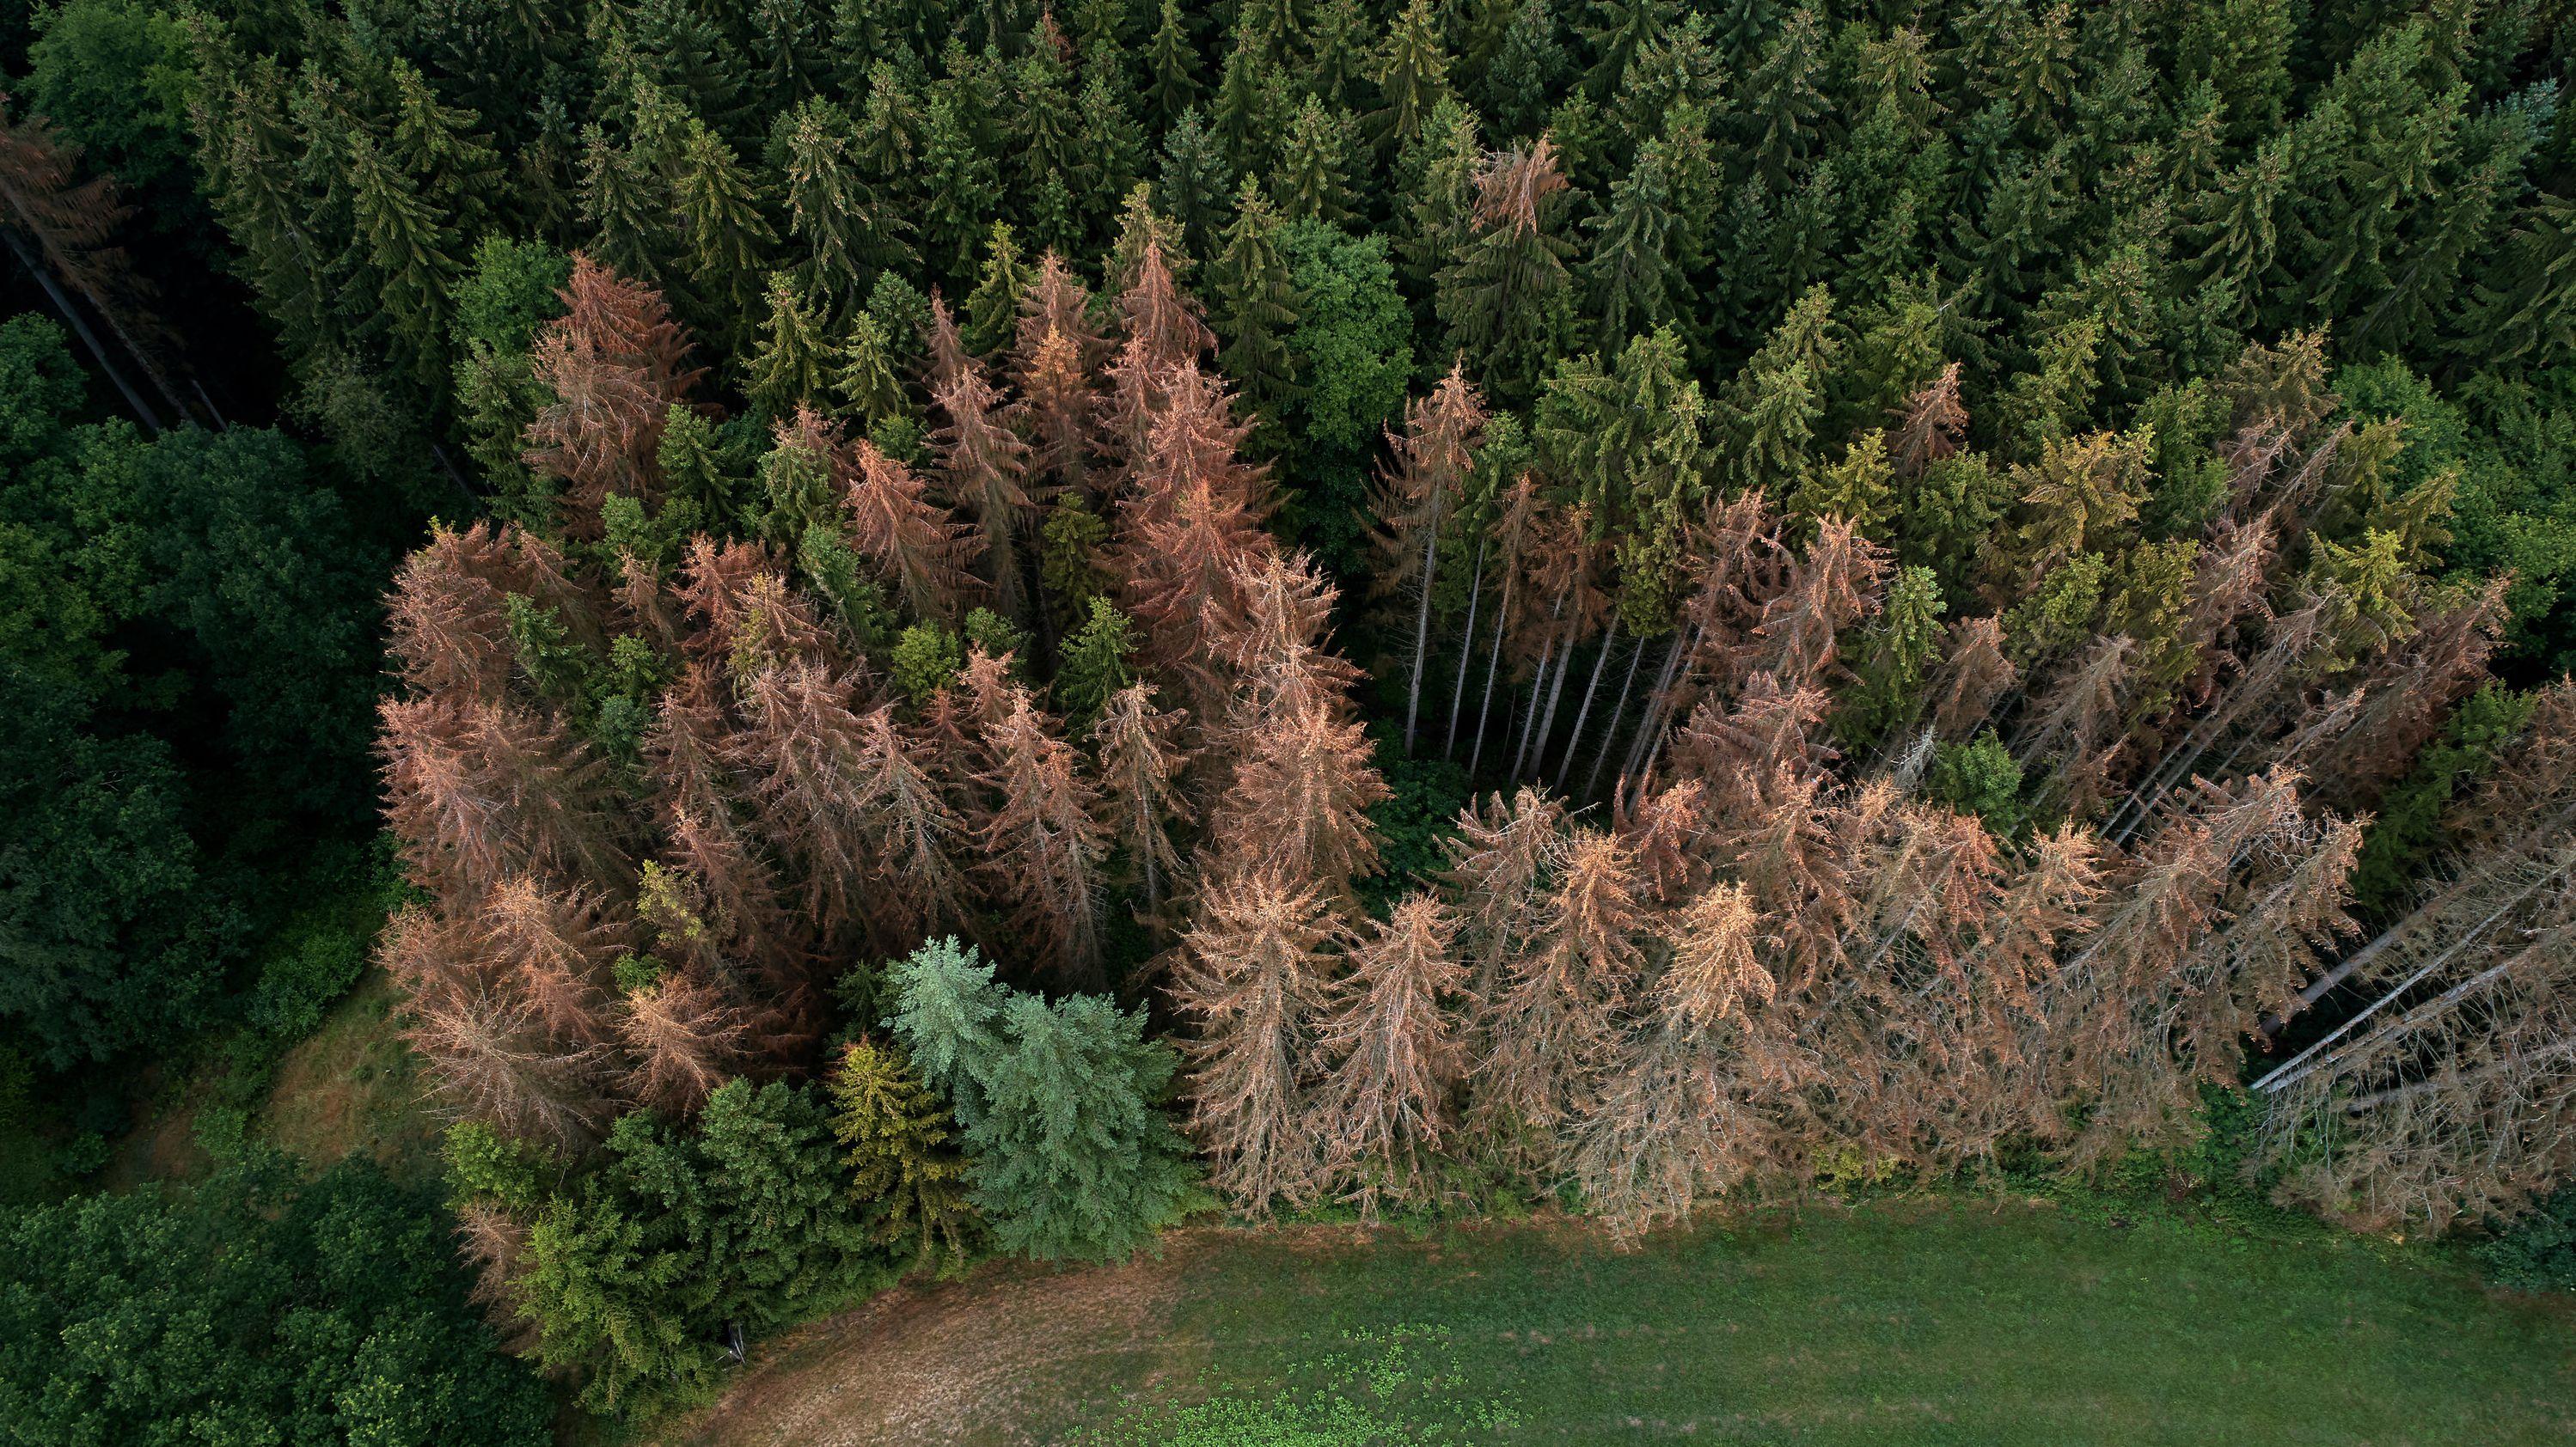 Auf einer Luftaufnahme eines Fichtenwaldes sind zahlreiche abgestorbene Bäume zu erkennen.